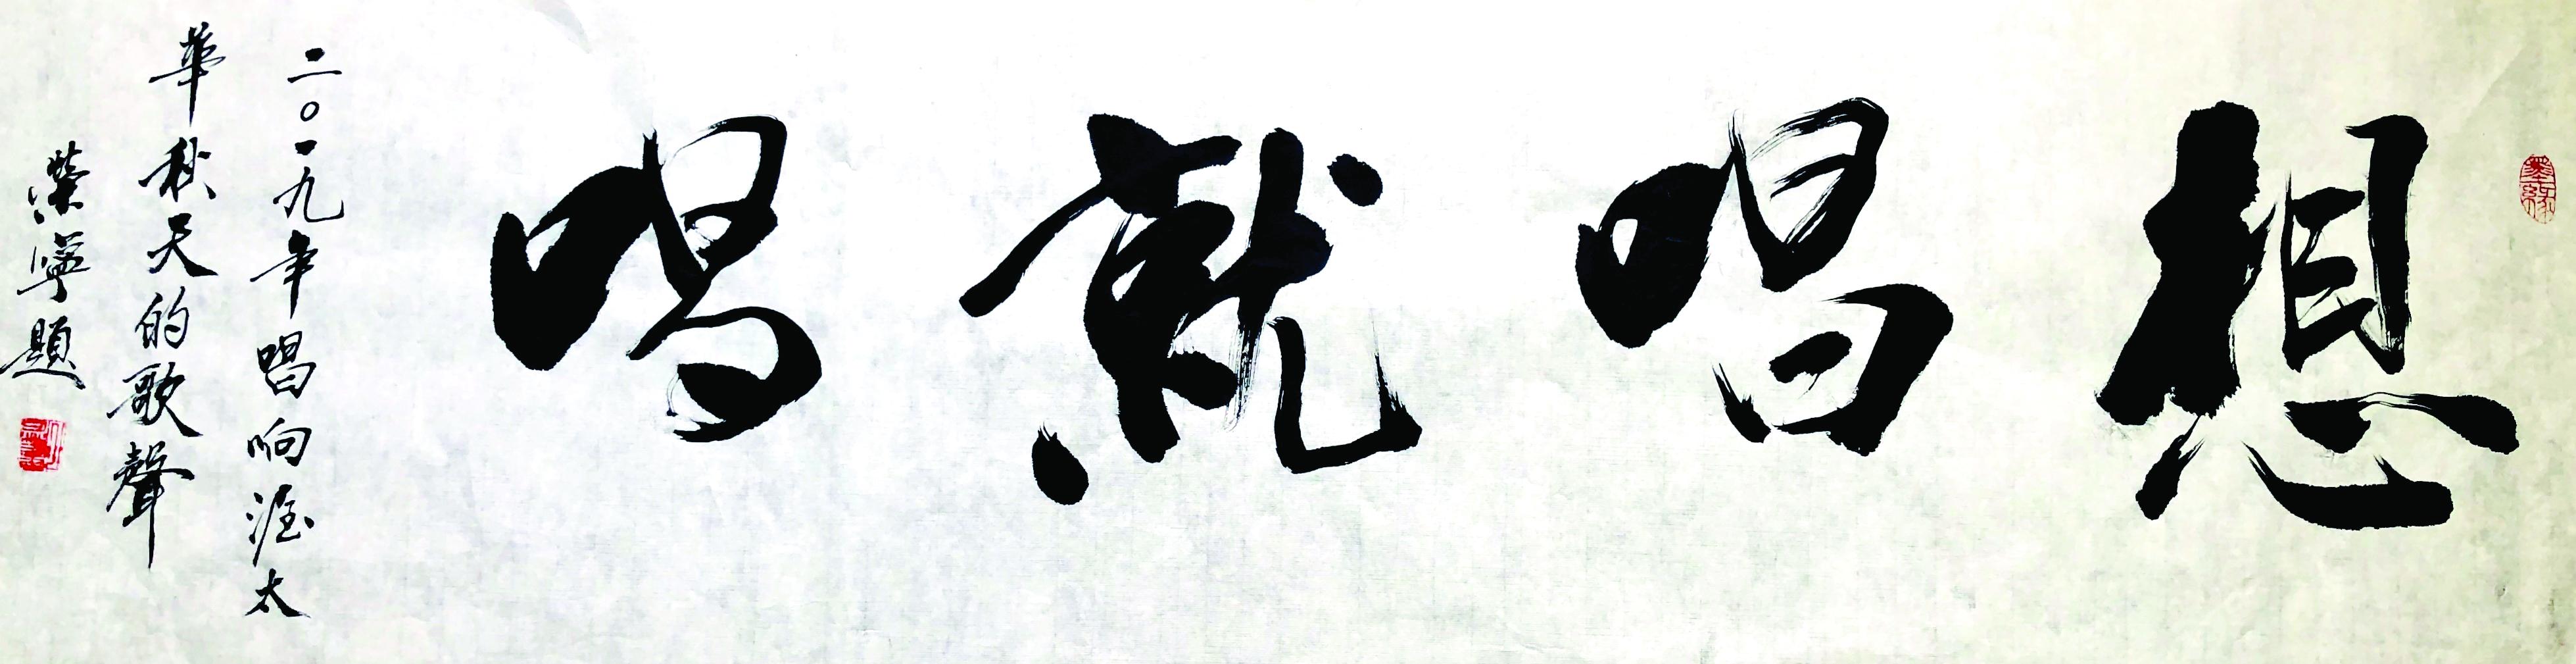 wo-tai-hua-sheng-yue-ai-hao-zhe-de-da-ju-hui